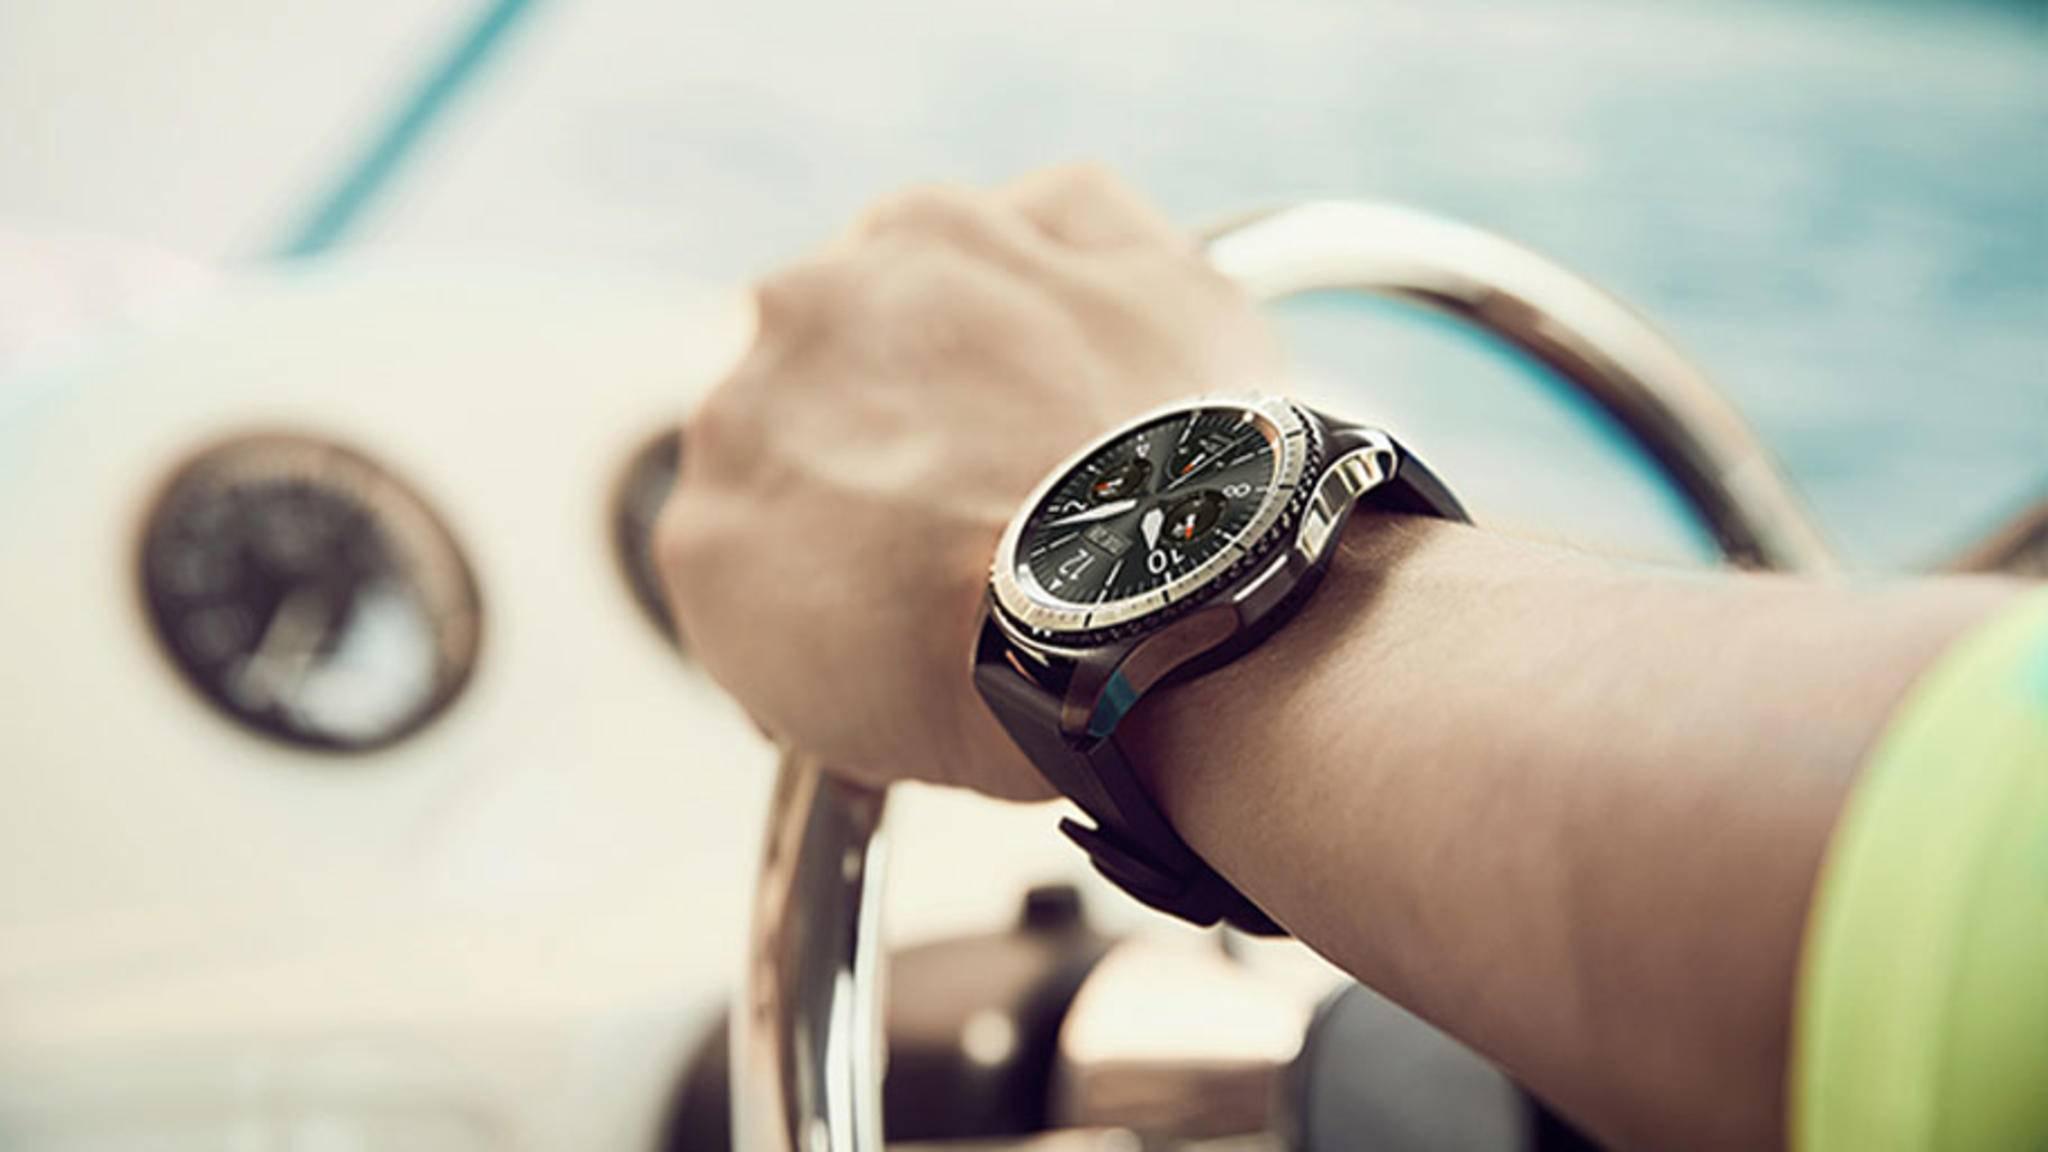 Die Nachfolgerin der Gear S3 könnte den Akku direkt im Armband integriert haben.